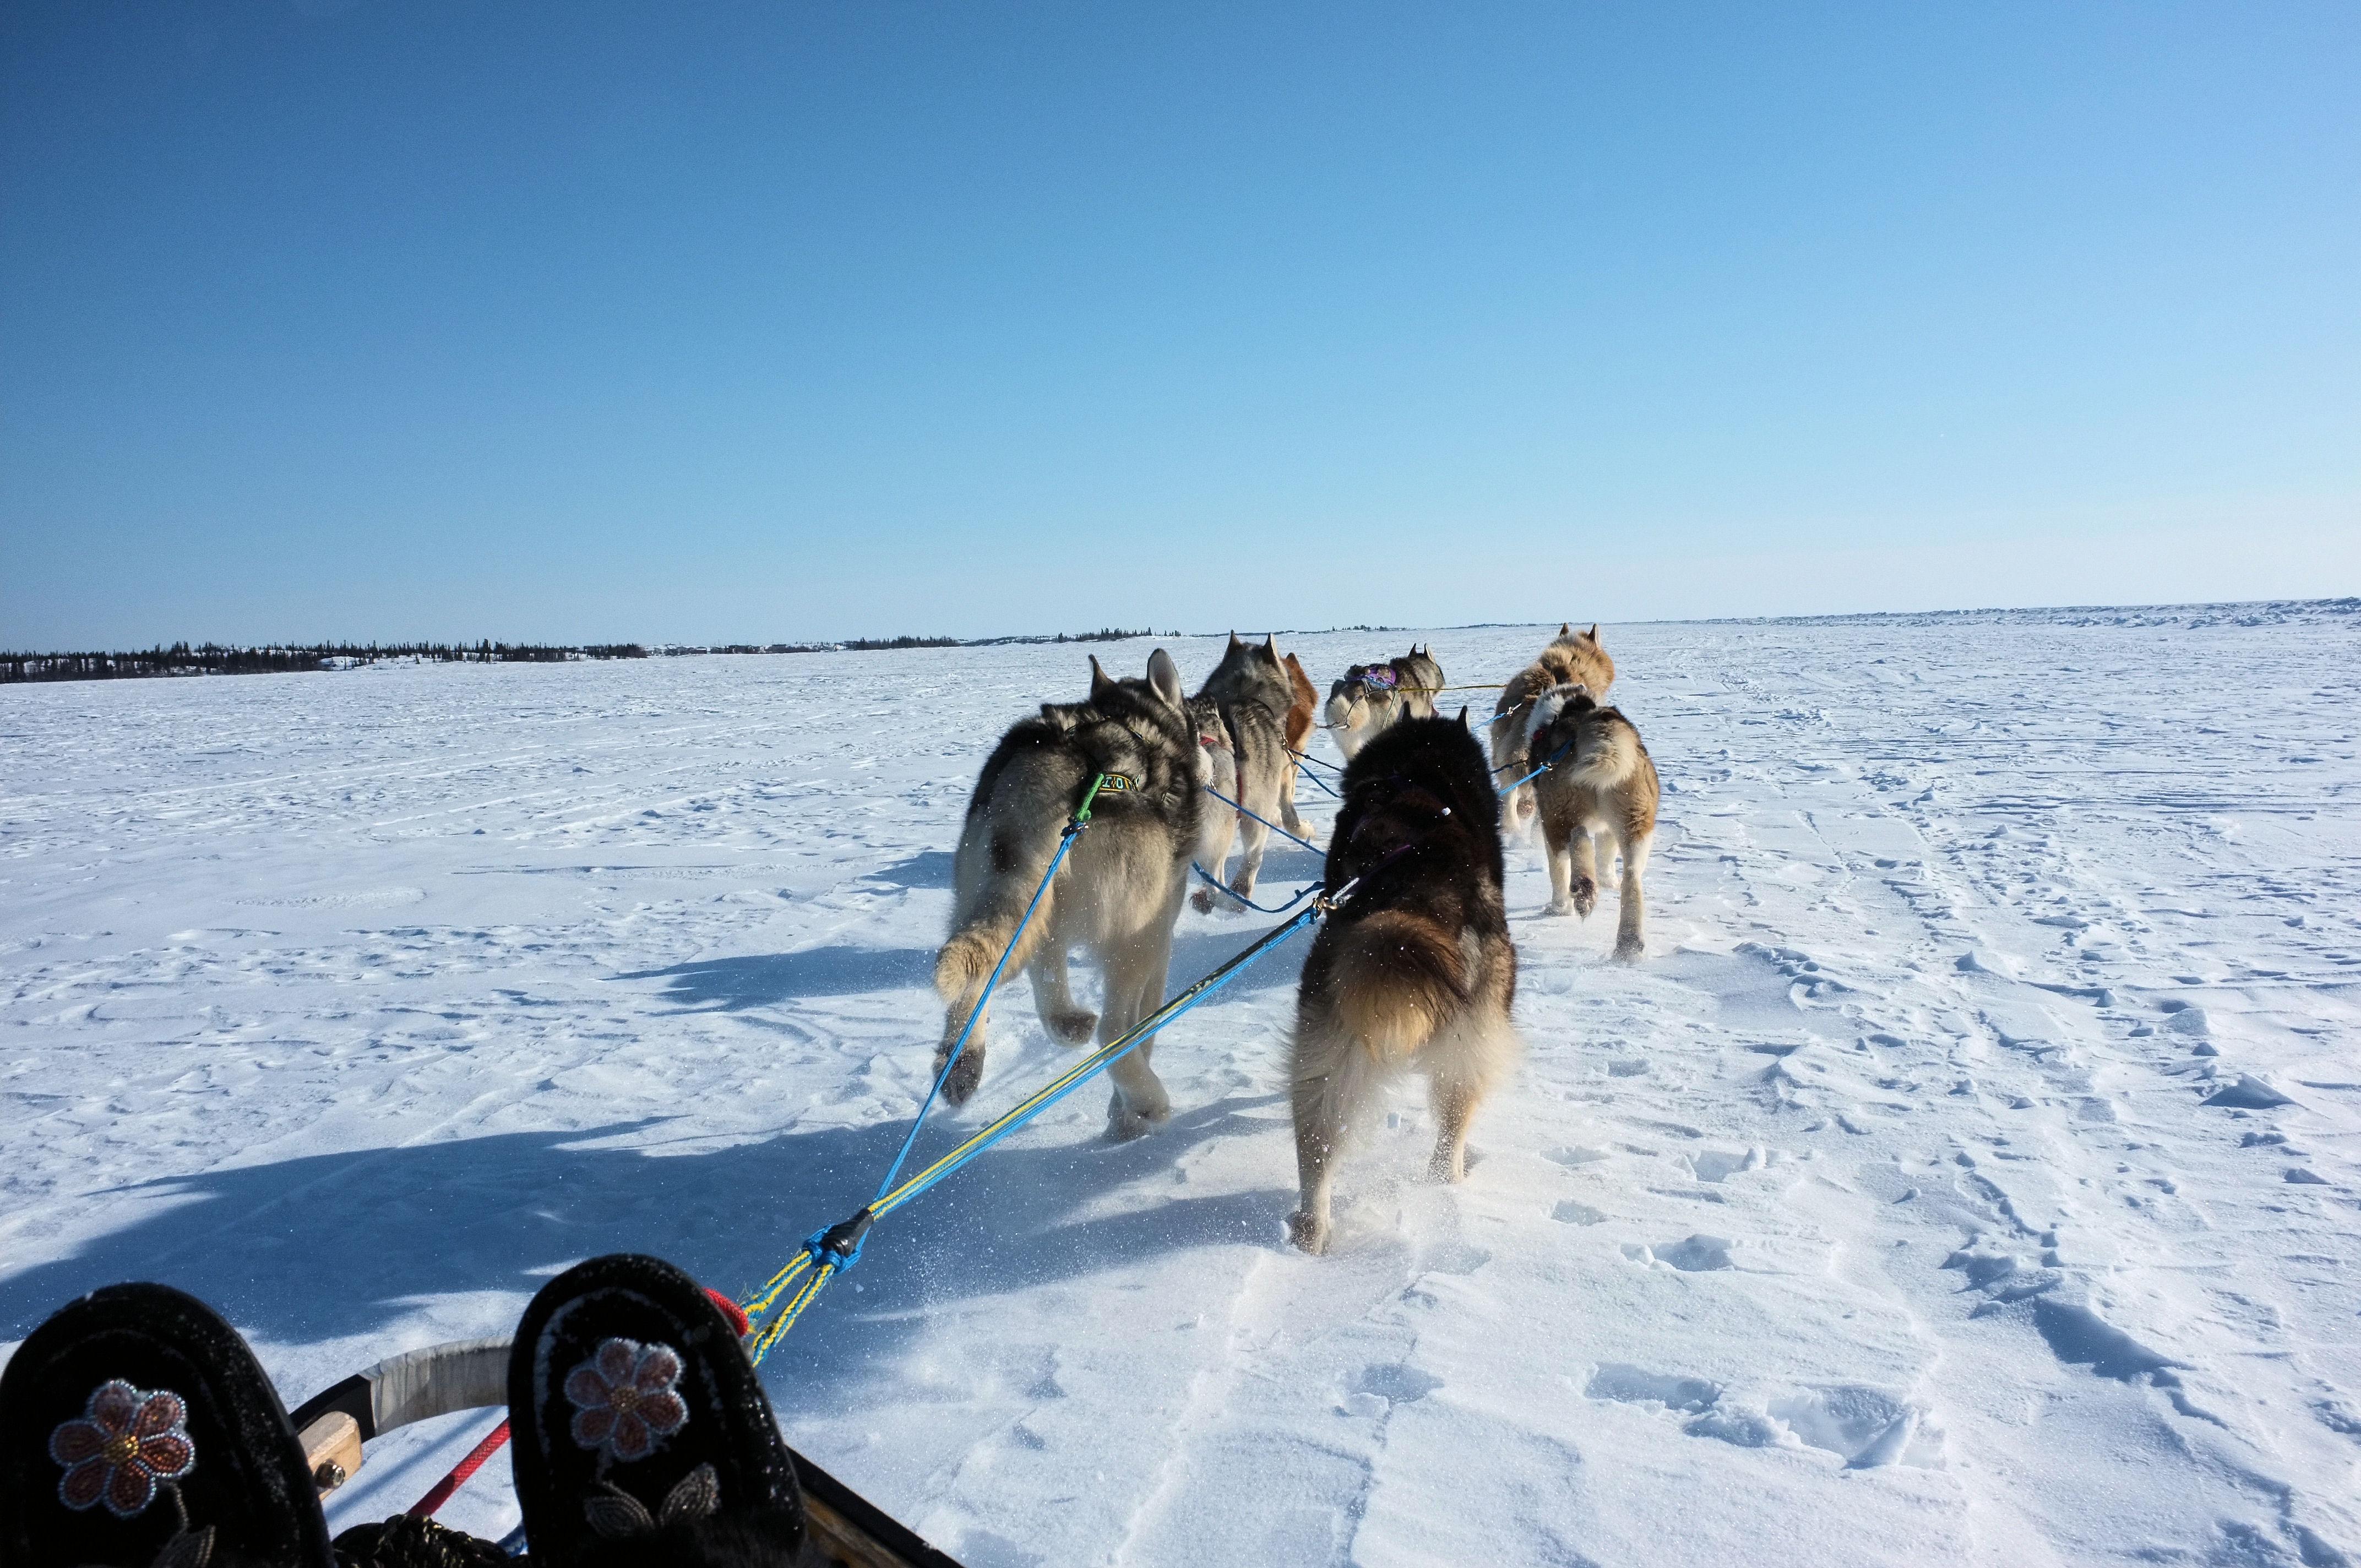 sled dog racing sloppybuddhist